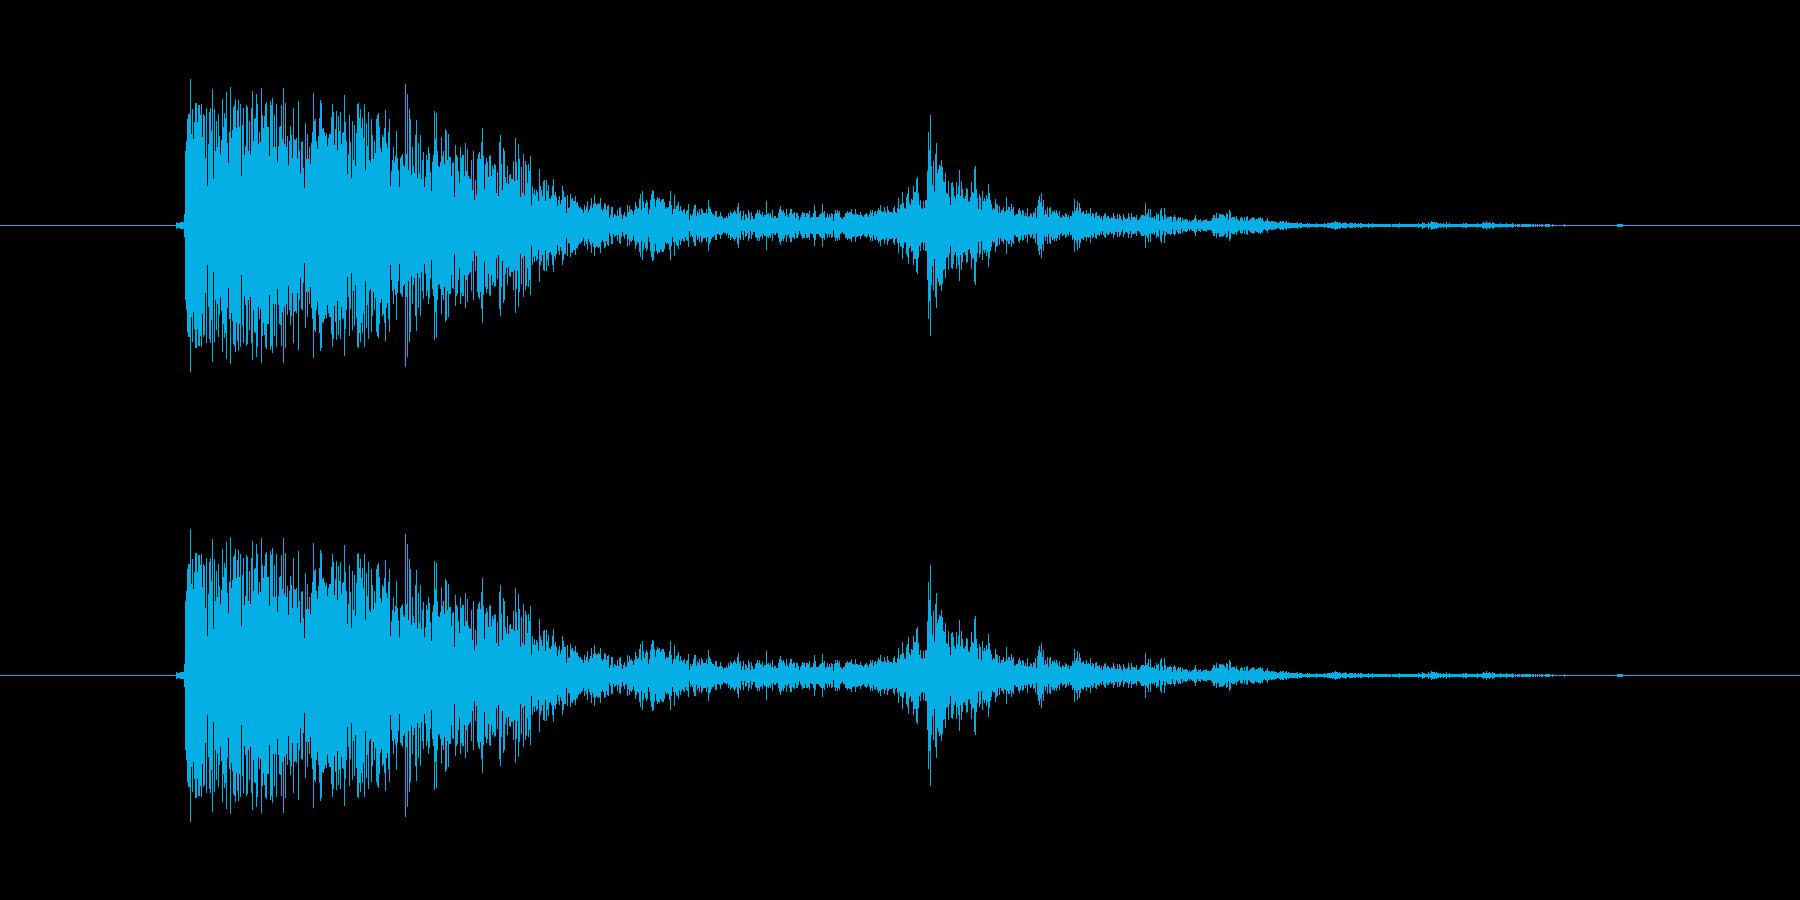 ザザッ、ザシュッ(鈍い刺す音)の再生済みの波形